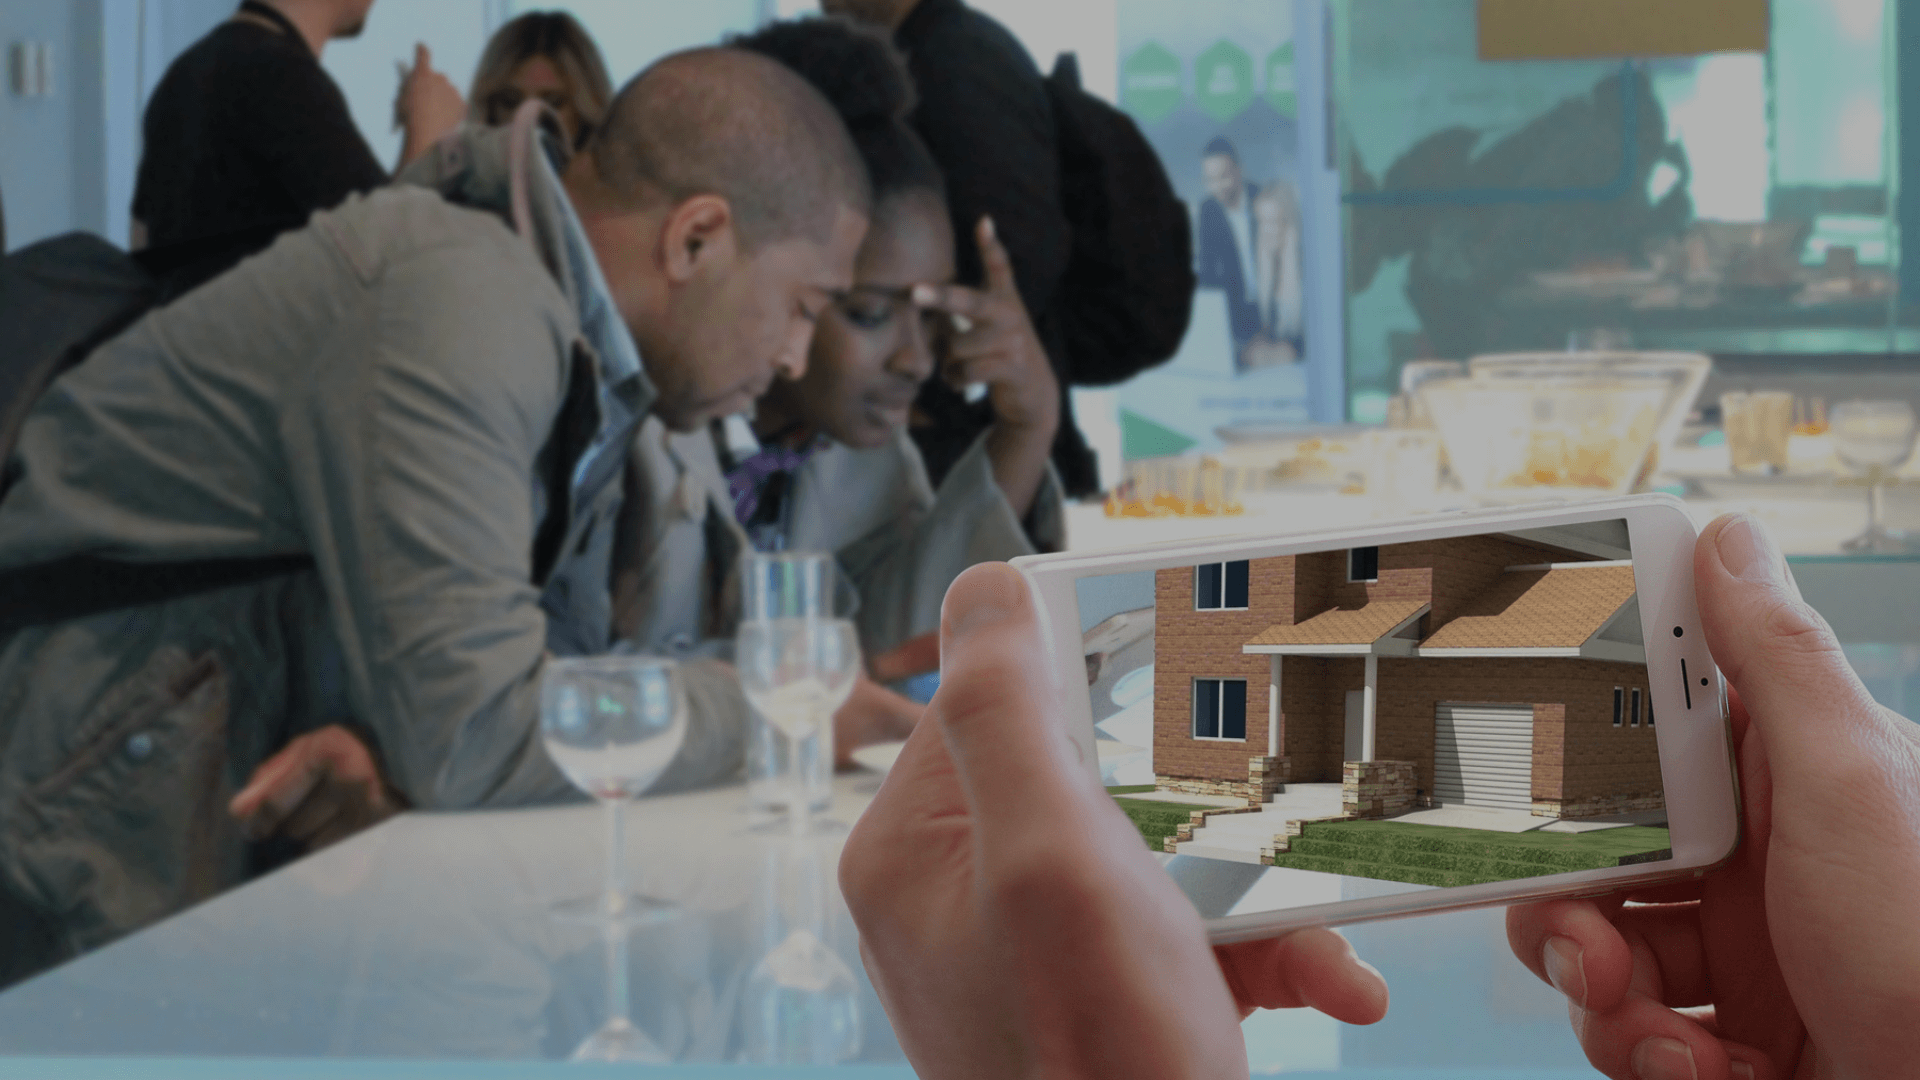 realidade aumentada no imobiliário